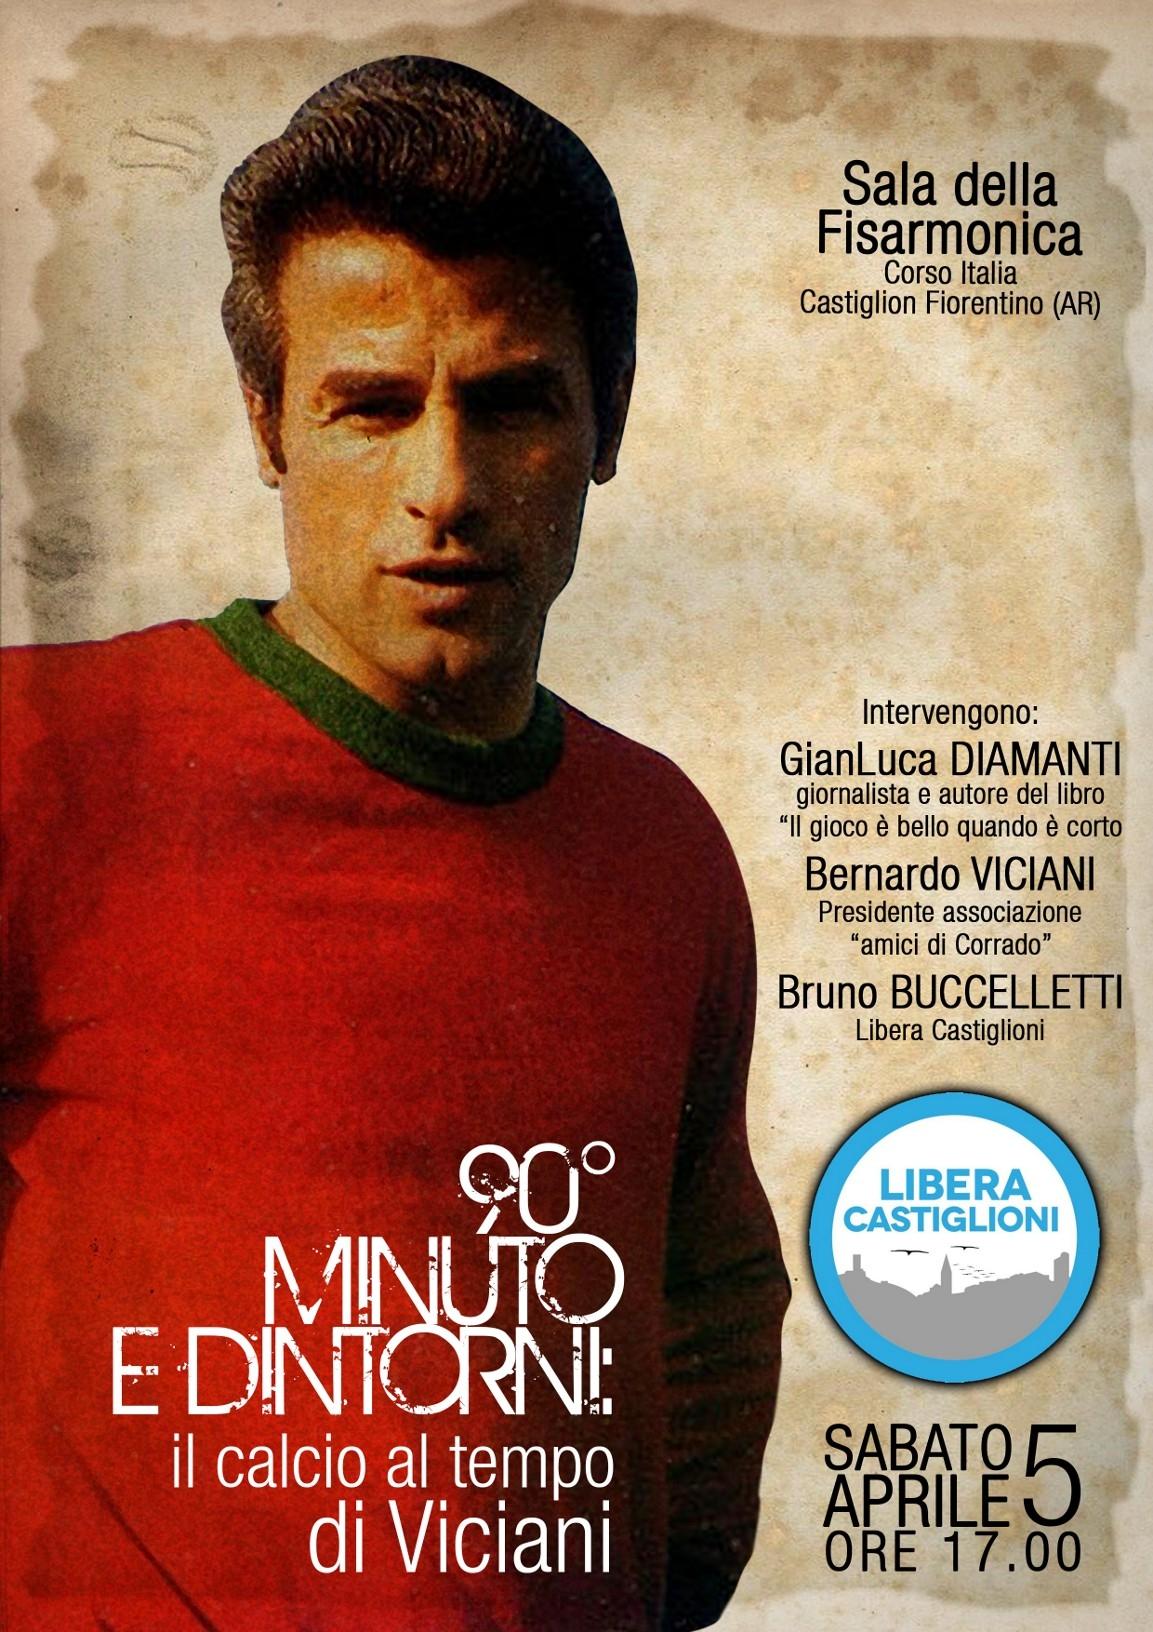 Serata evento a Castiglioni in ricordo di Corrado Viciani